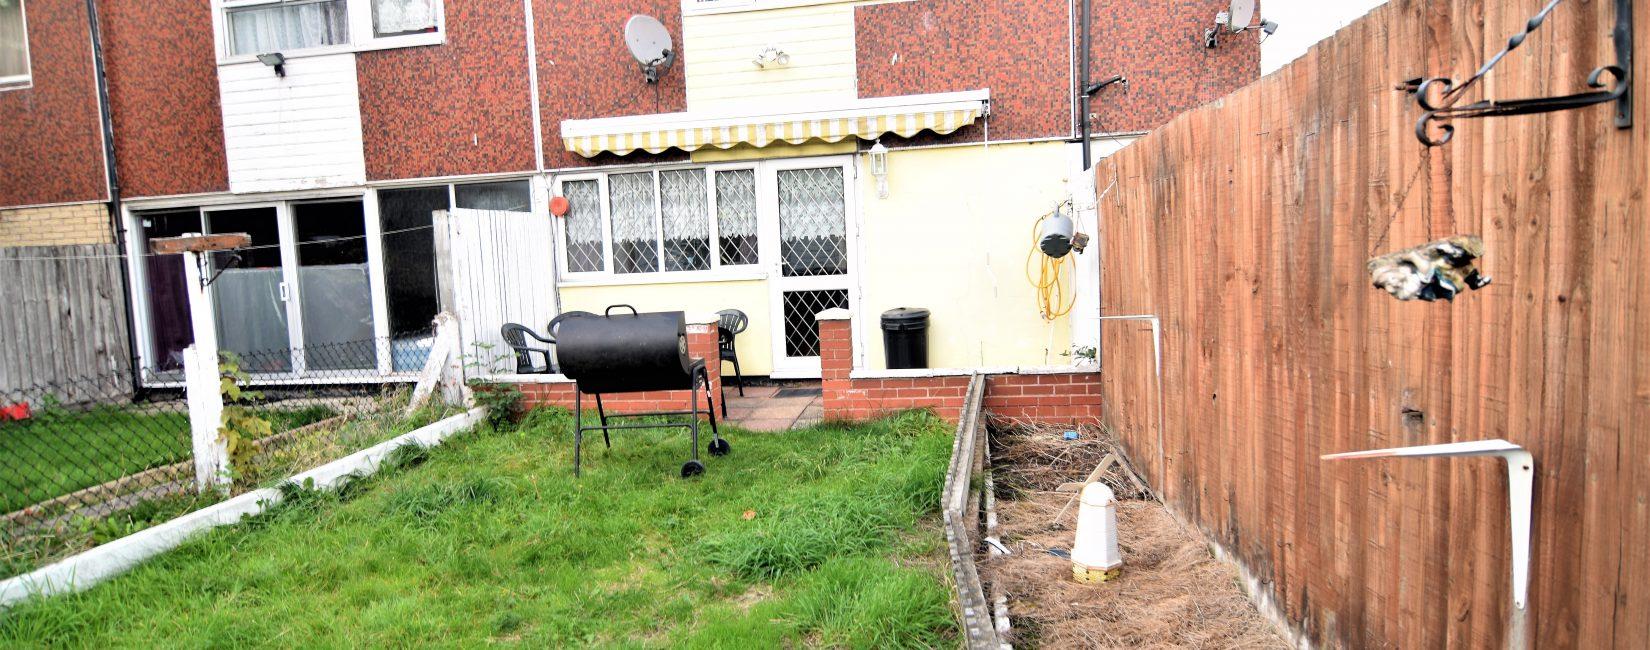 Garden with BBQ